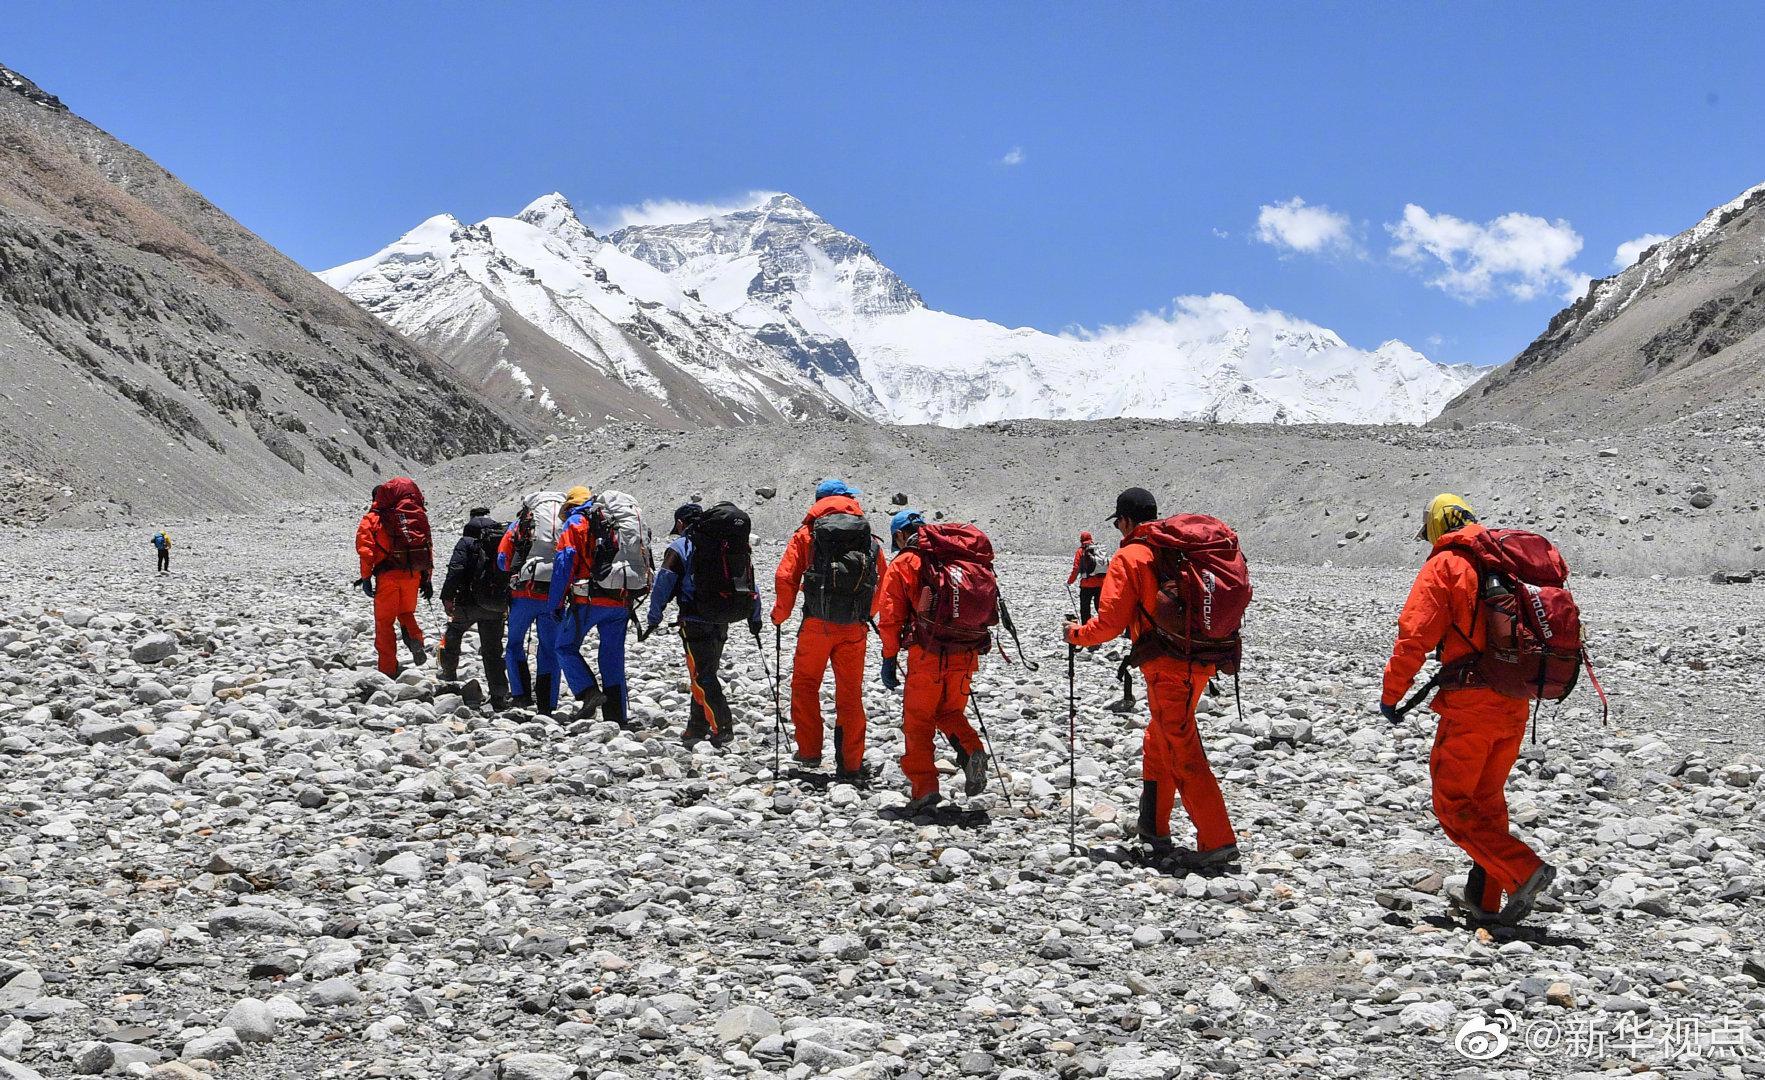 测量登山队再次向珠峰发起挑战 有望5月22日登顶图片